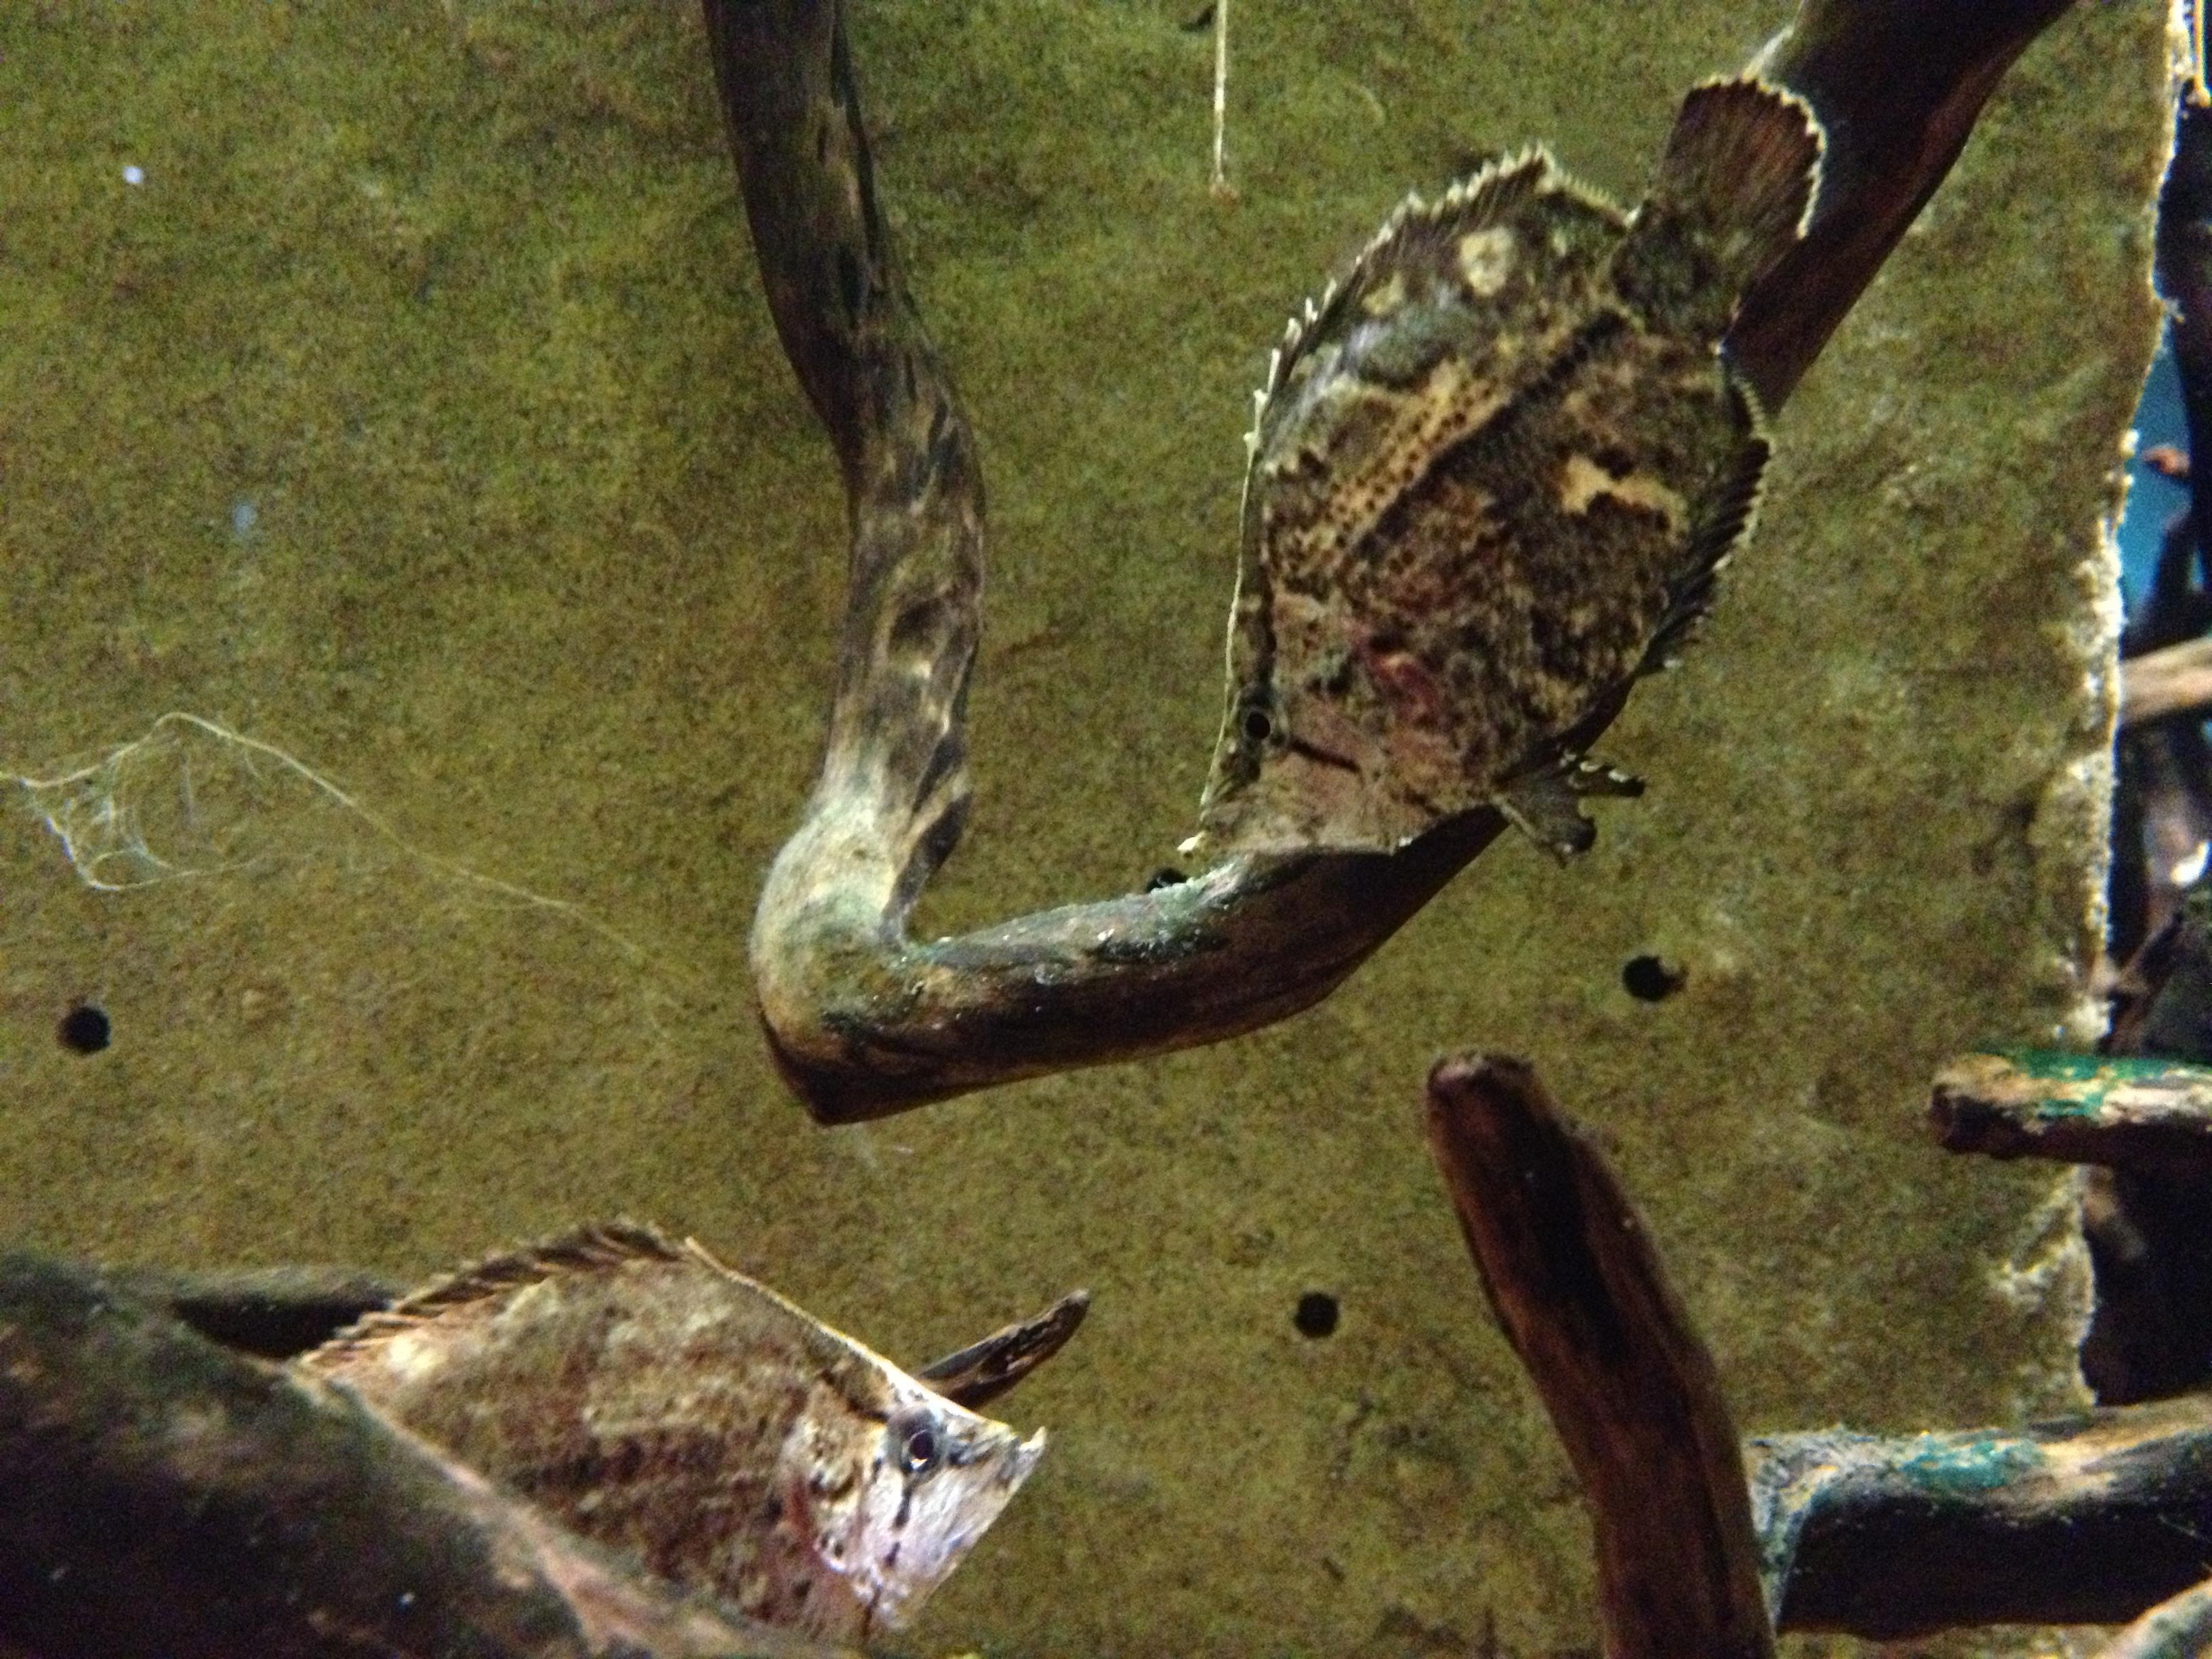 Fish for amazon aquarium - Amazon Leaffish Monocirrhus Polyacanthus At The Steinhart Aquarium California Academy Of Sciences